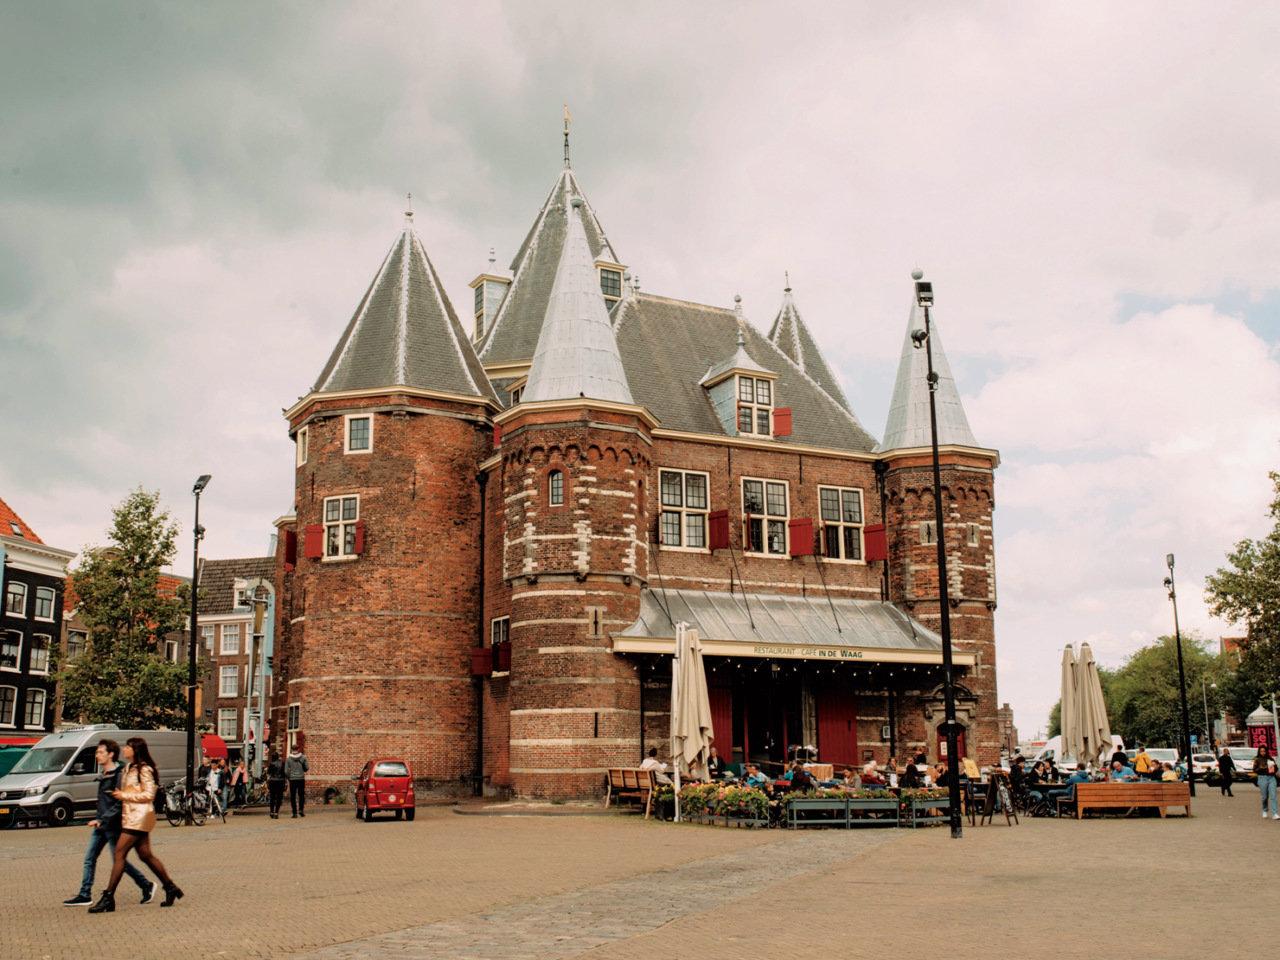 学び考え少しずつ世界を変えてゆく。アムステルダムのソーシャルテクノロジーをはぐくむ『Waag』